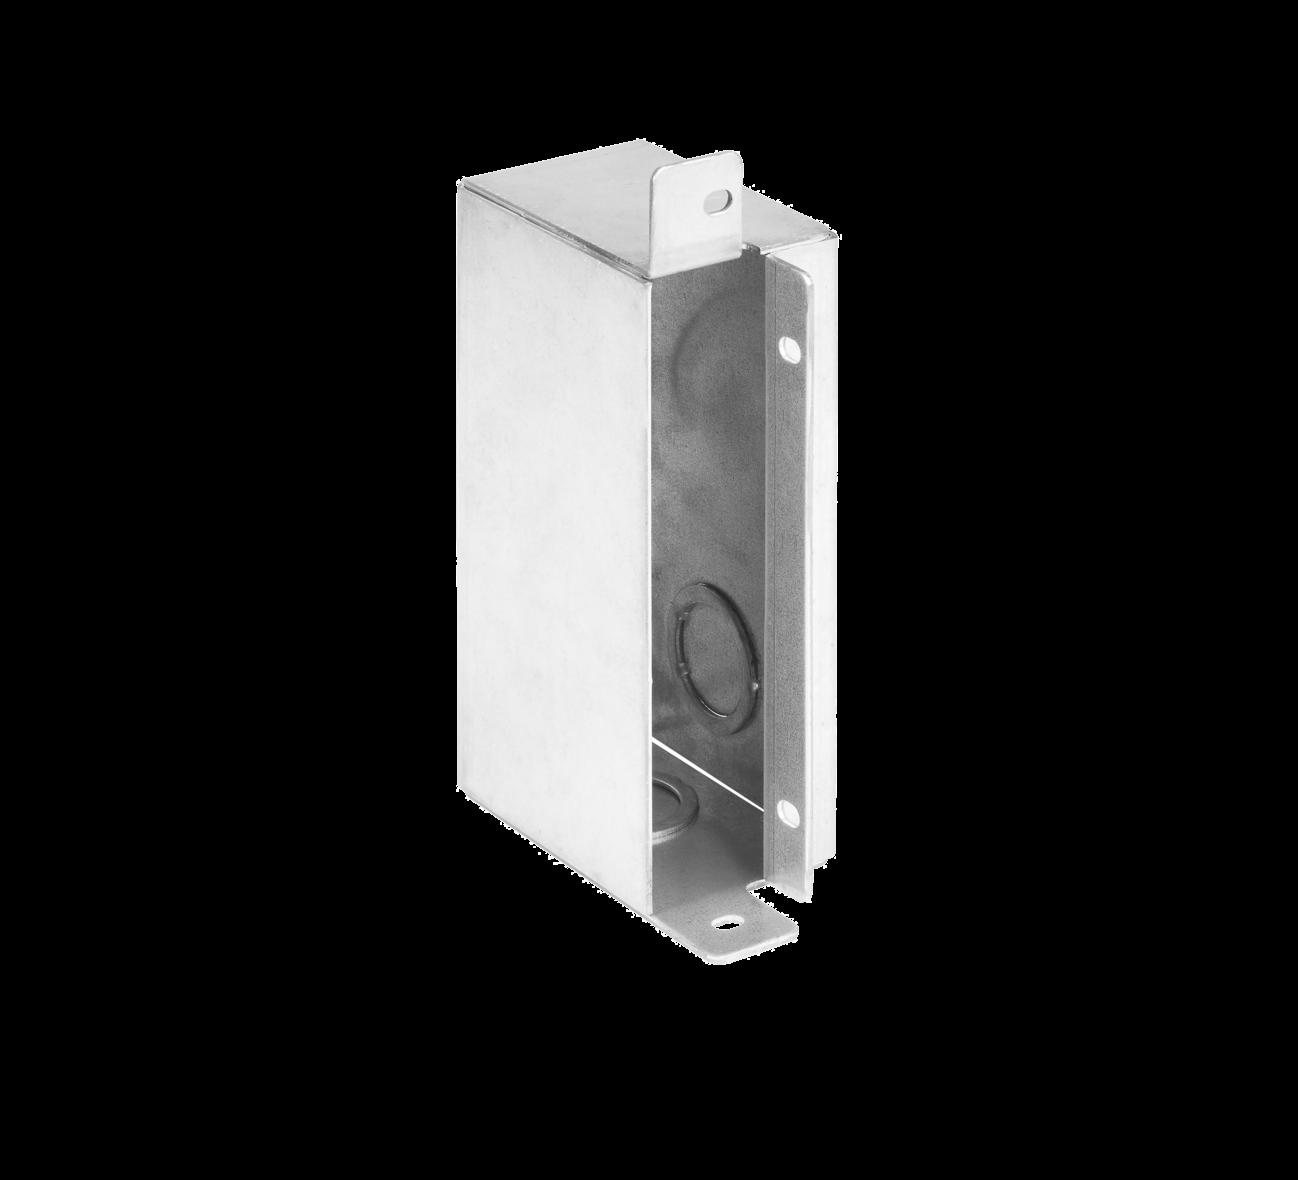 El A910-JB permite al cable Ethernet conectado al array ser instalado dentro de una tubería de conducción flexible.